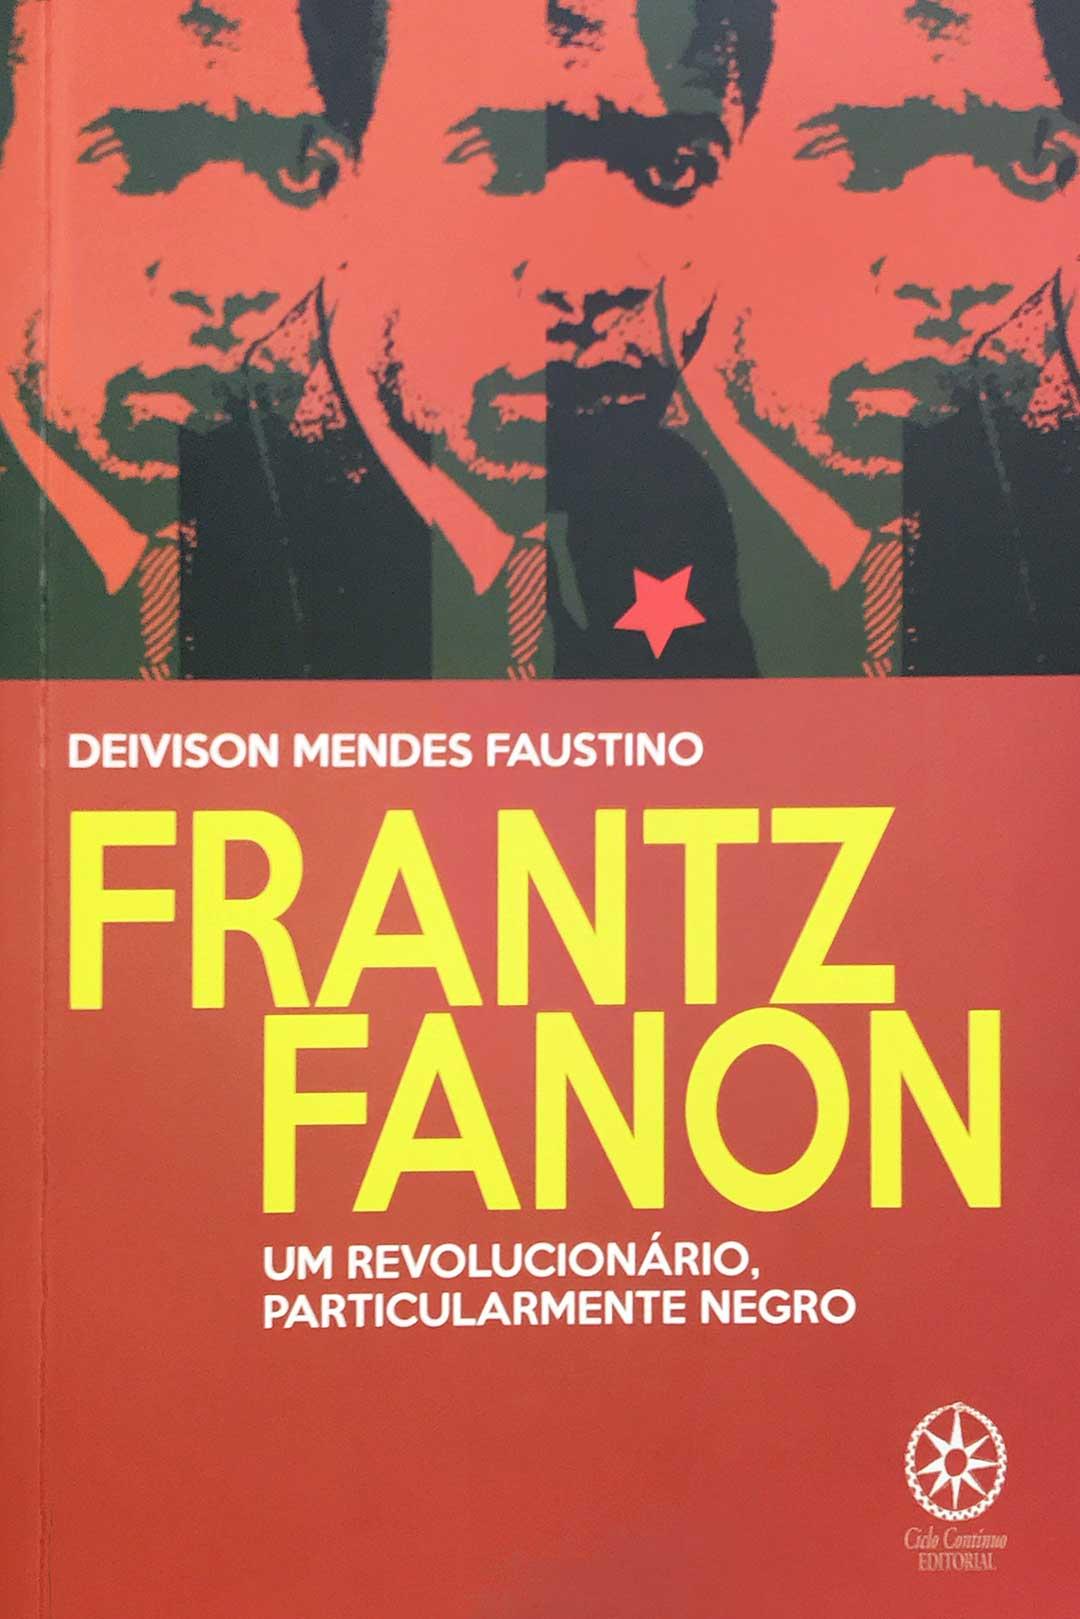 Frantz Fanon Um Revolucionário, Particularmente Negro